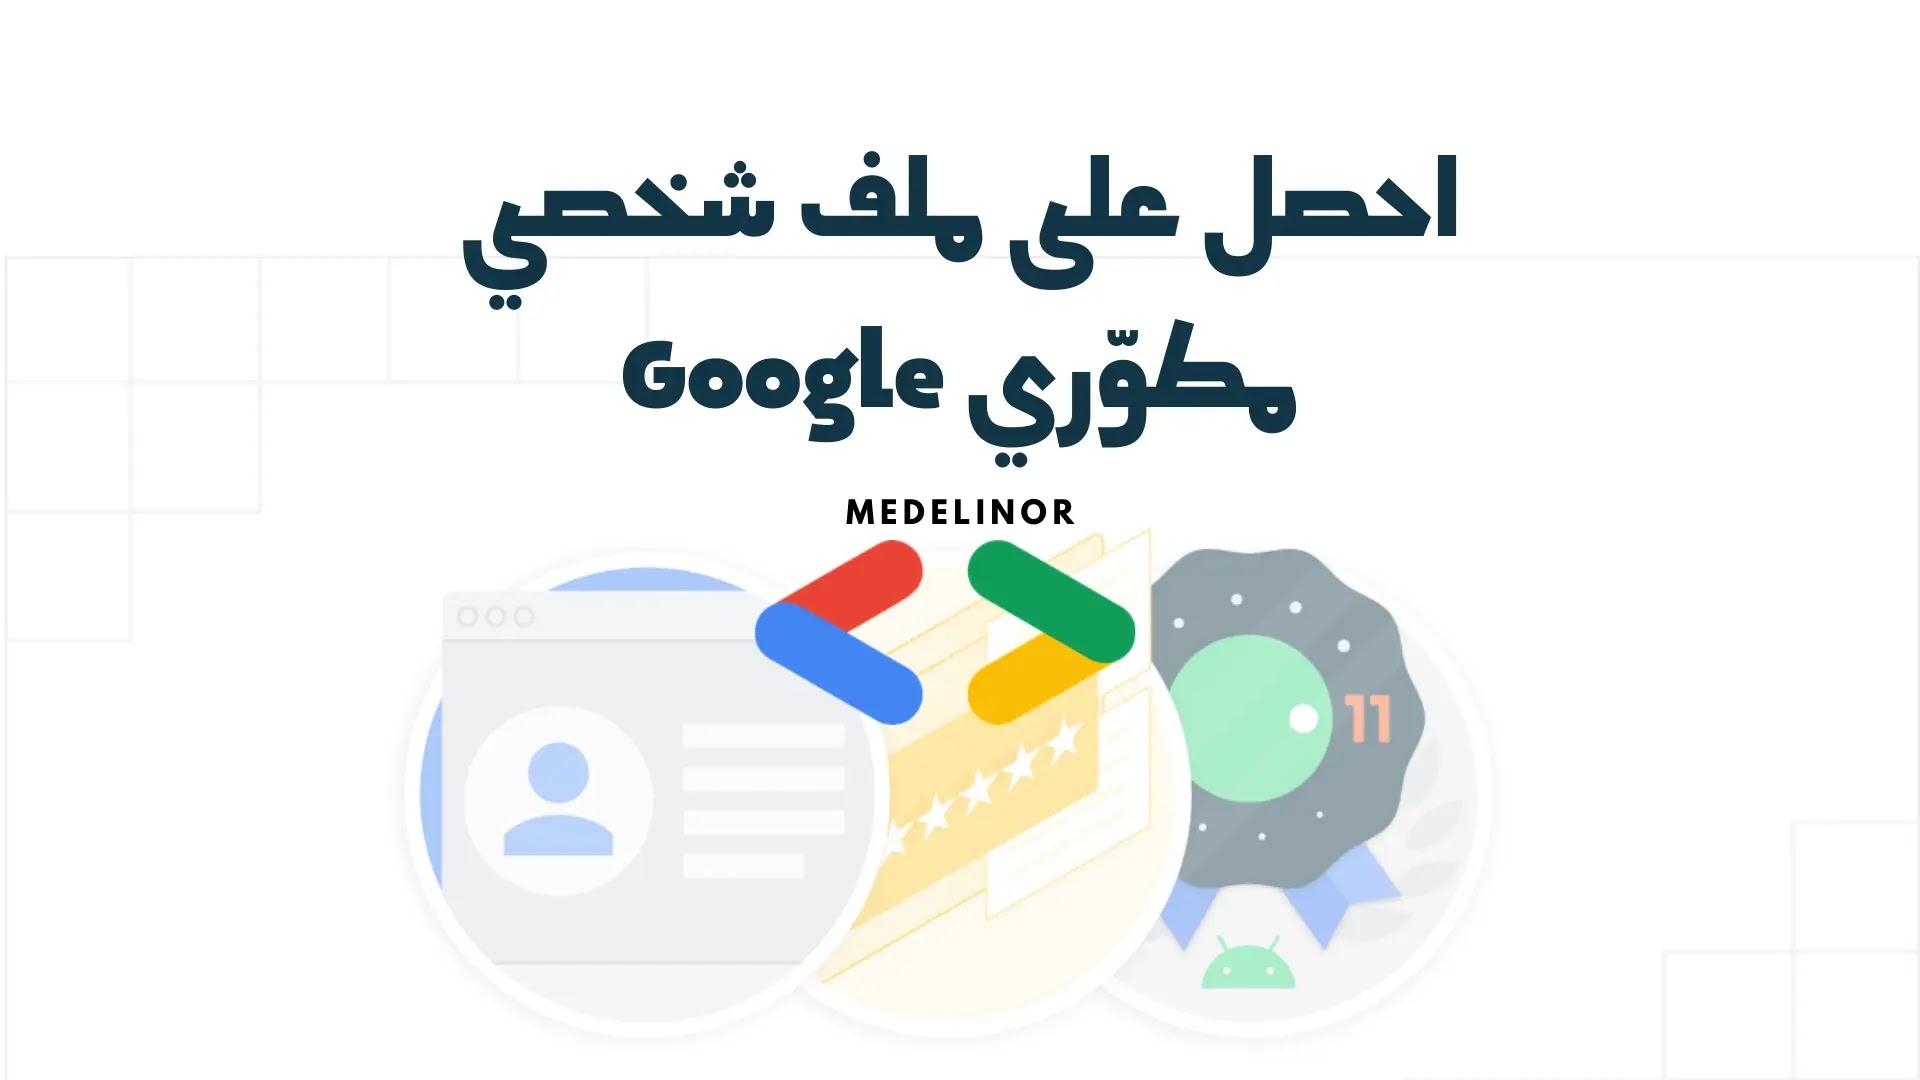 احصل/ي على ملف شخصي في مطوّري Google